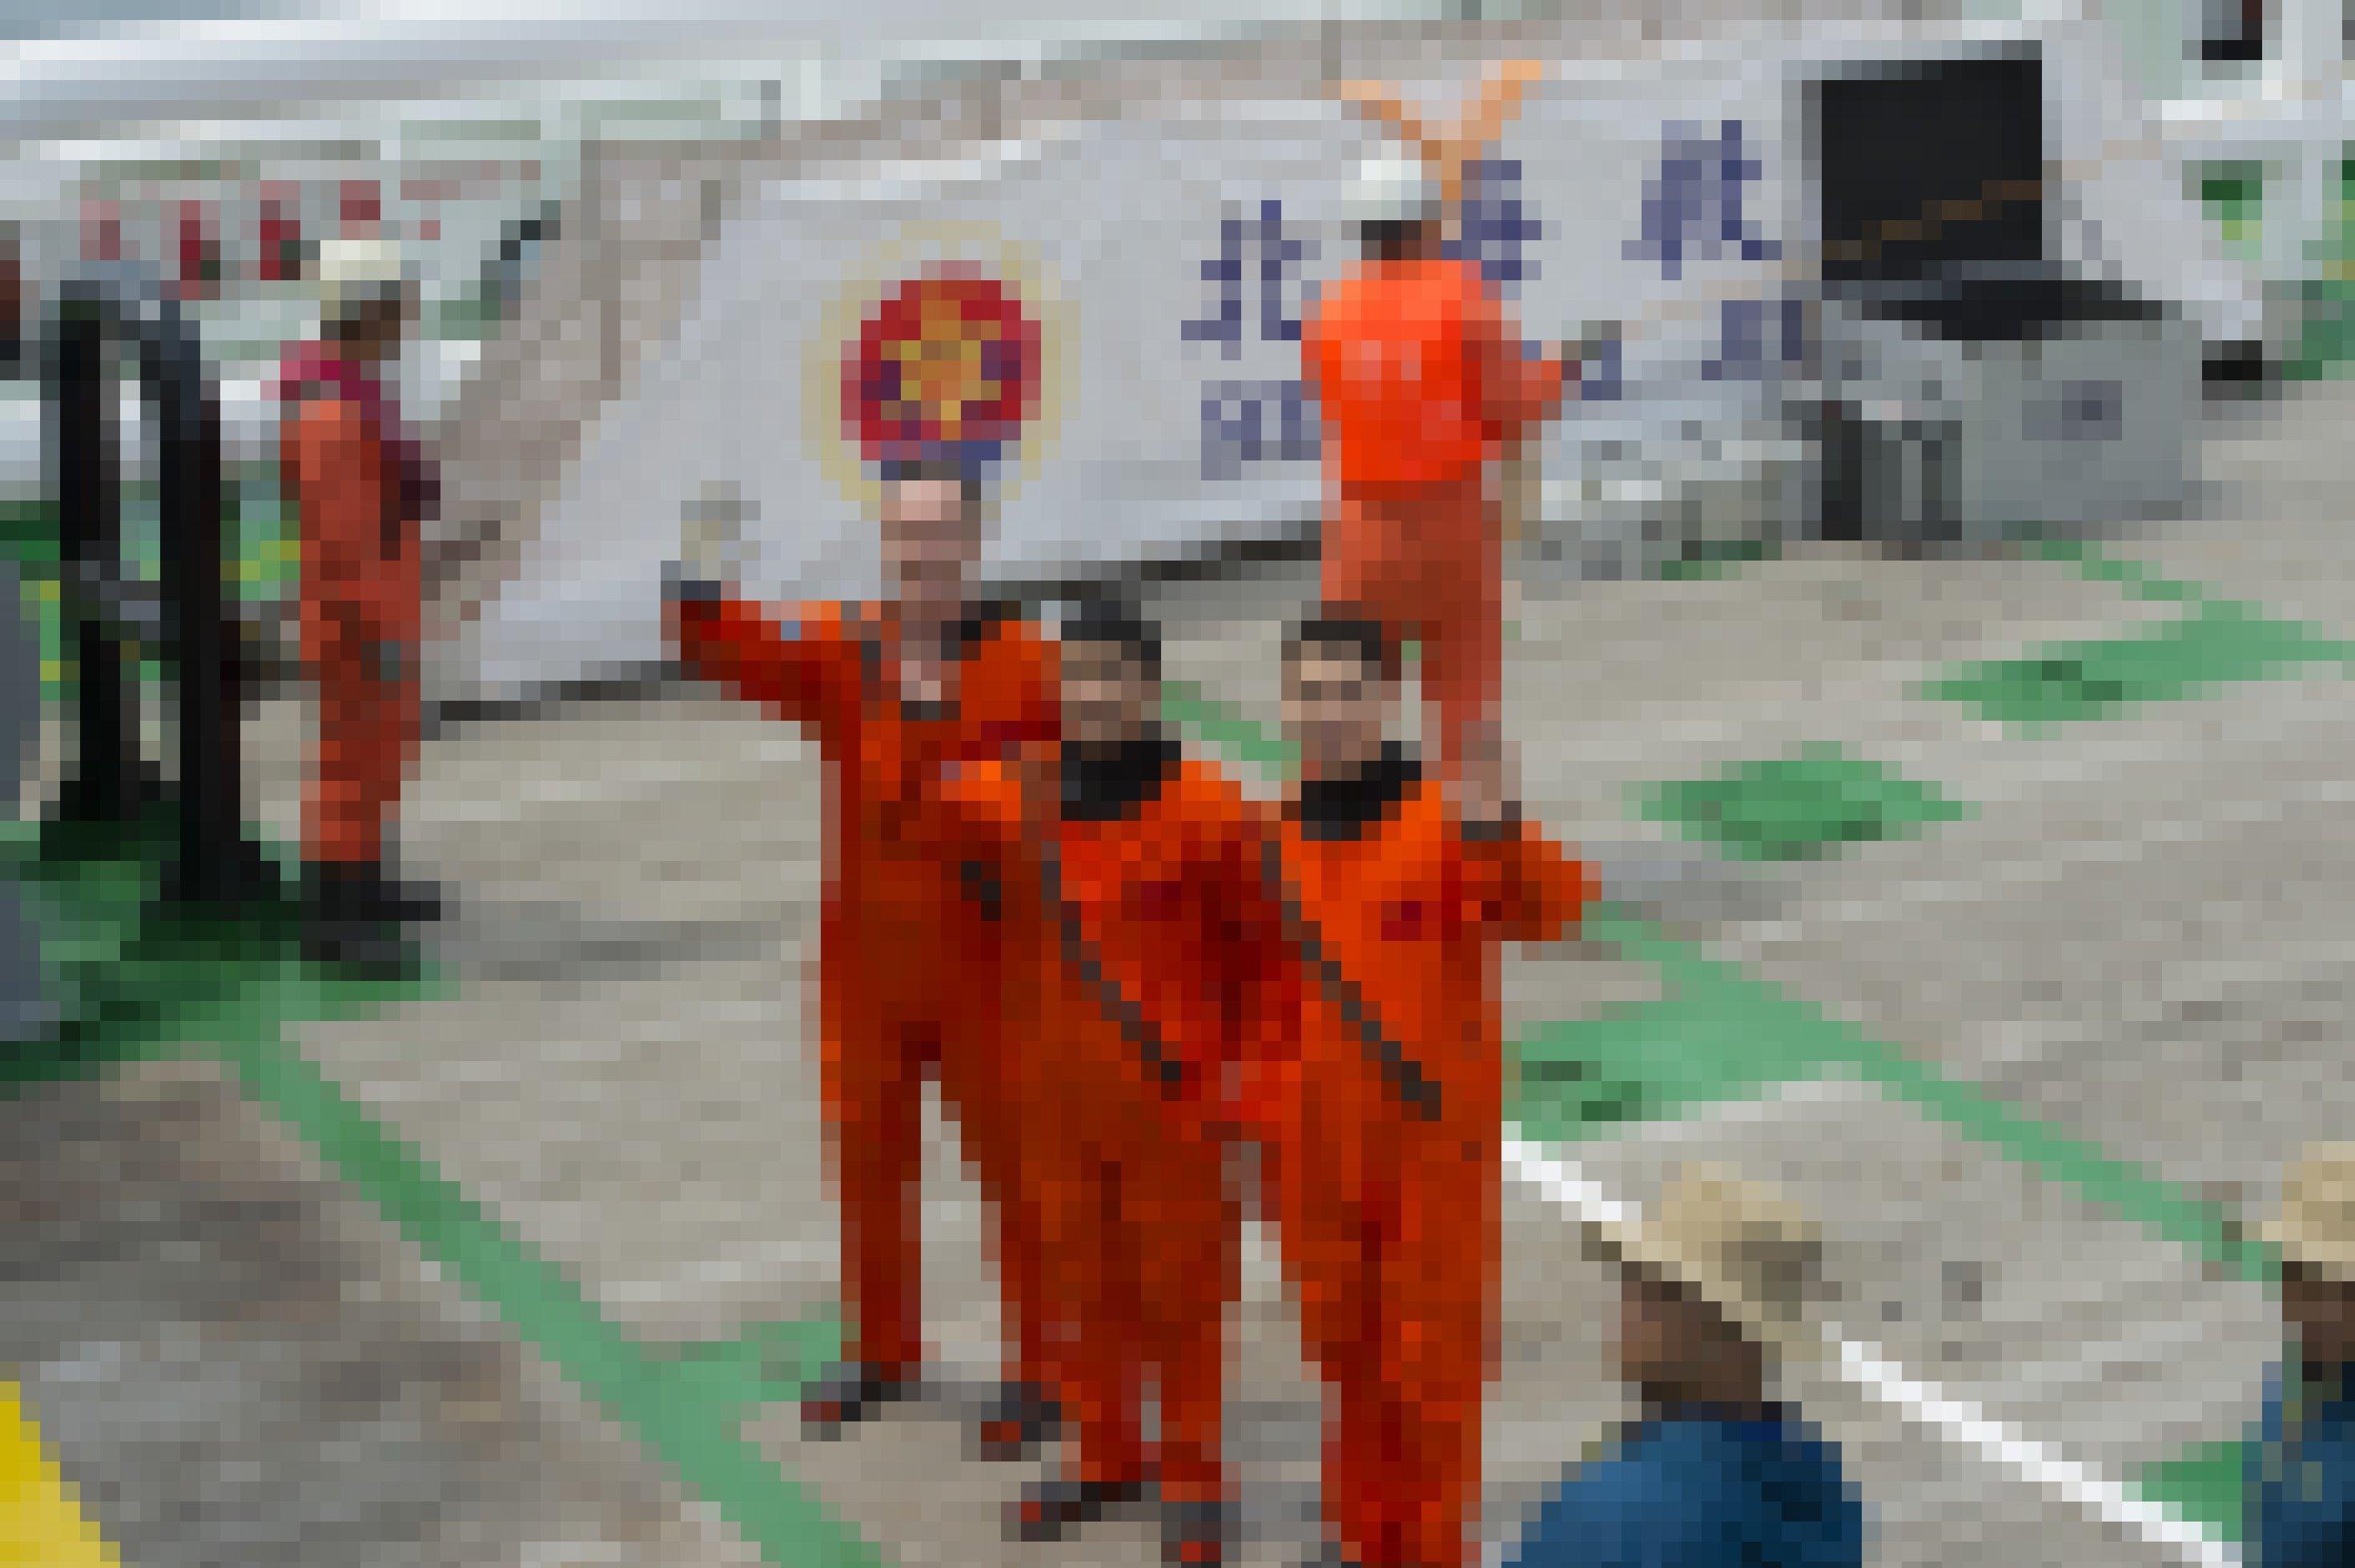 Drei Raumfahrer mit Matthias Maurer stehen in orangenen Overalls an Deck eines größeren Schiffs und winken